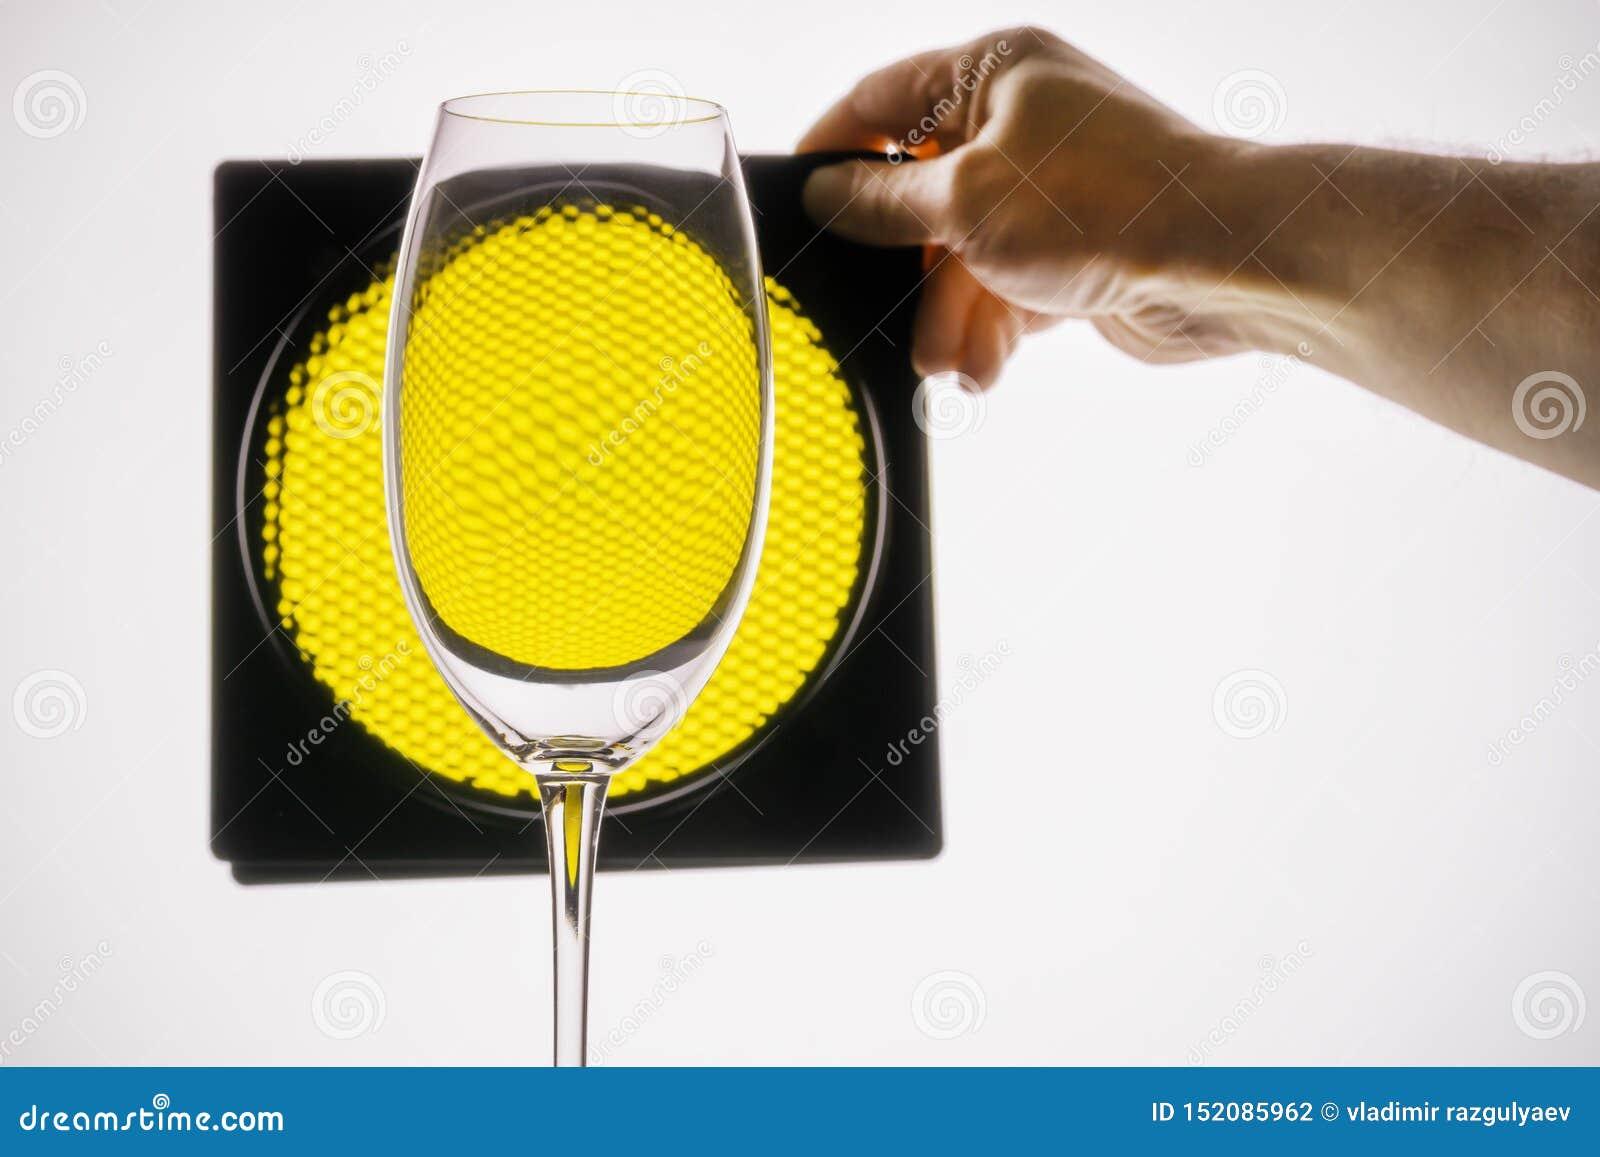 透明玻璃握在黄色蜂窝背景的手